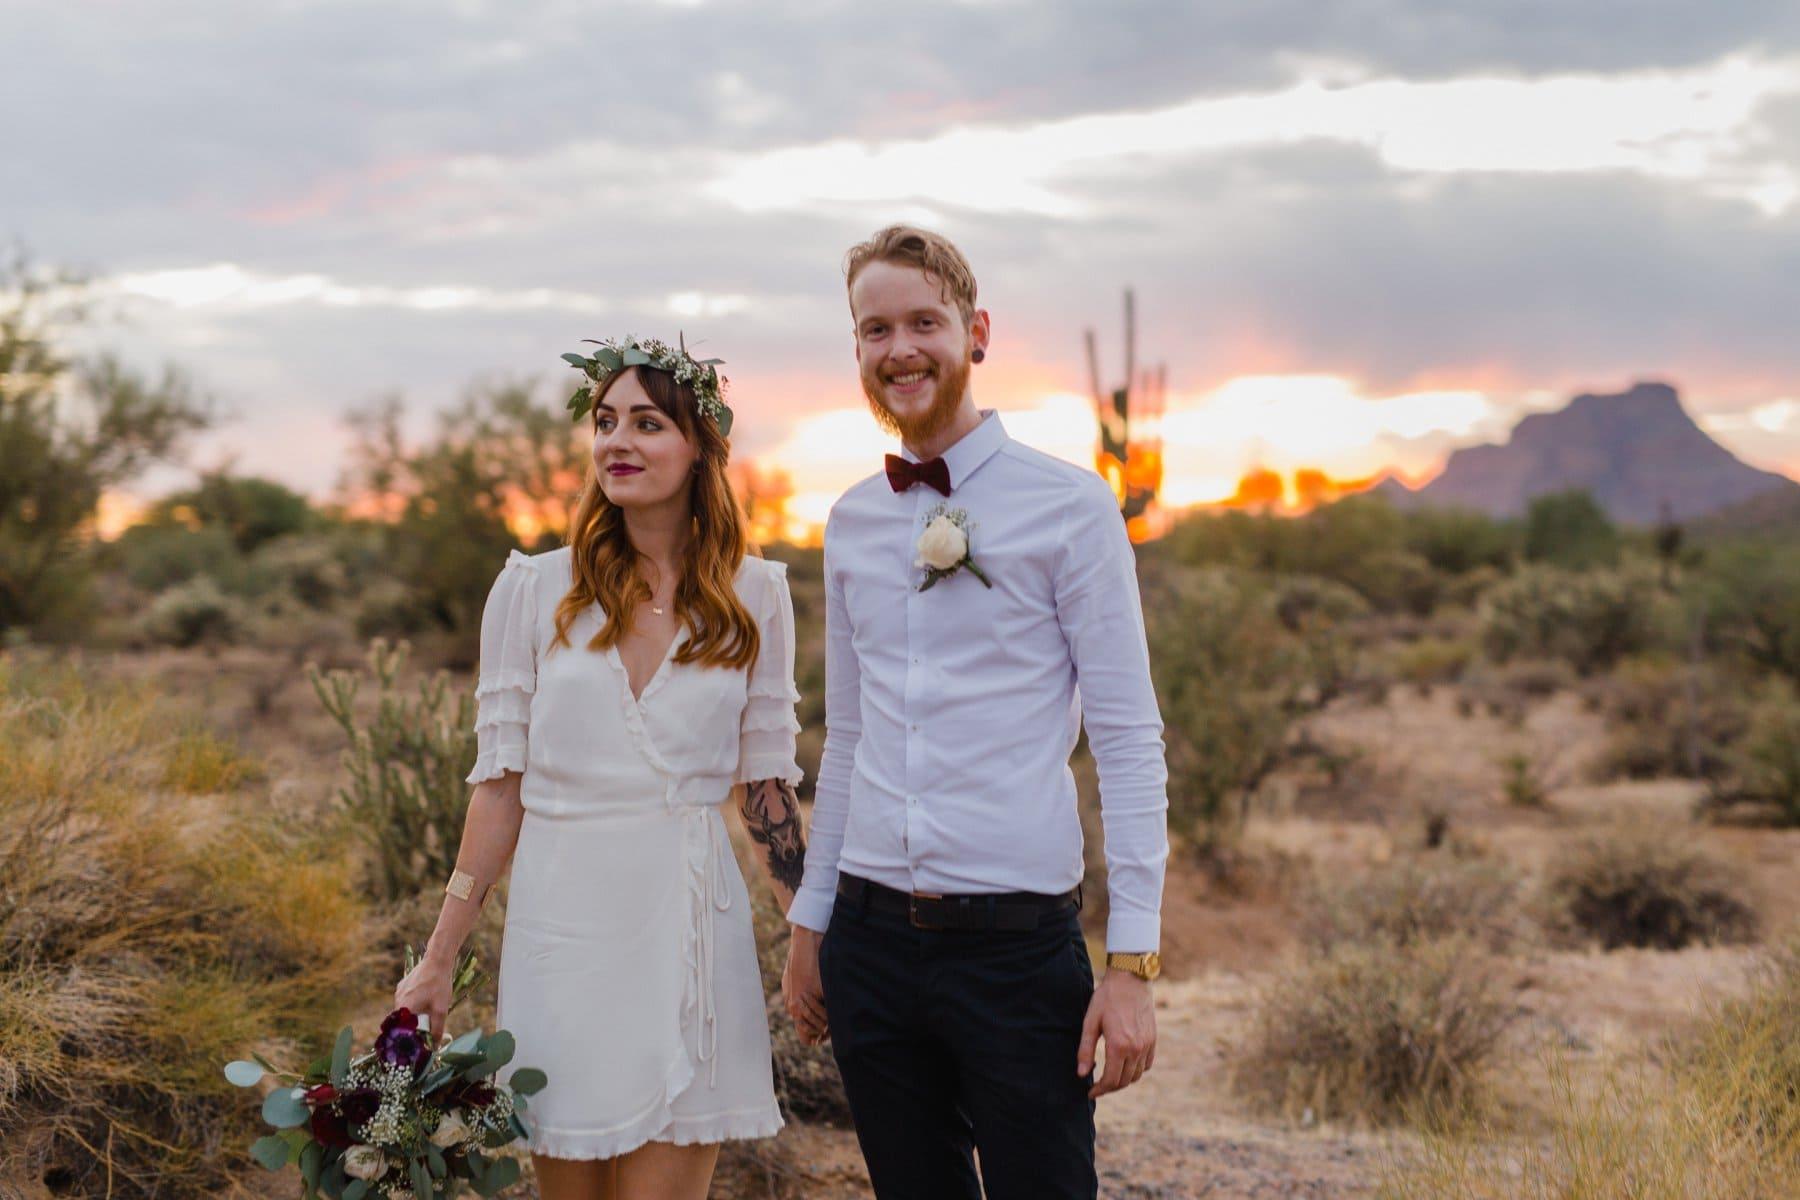 desert elopement location in Phoenix